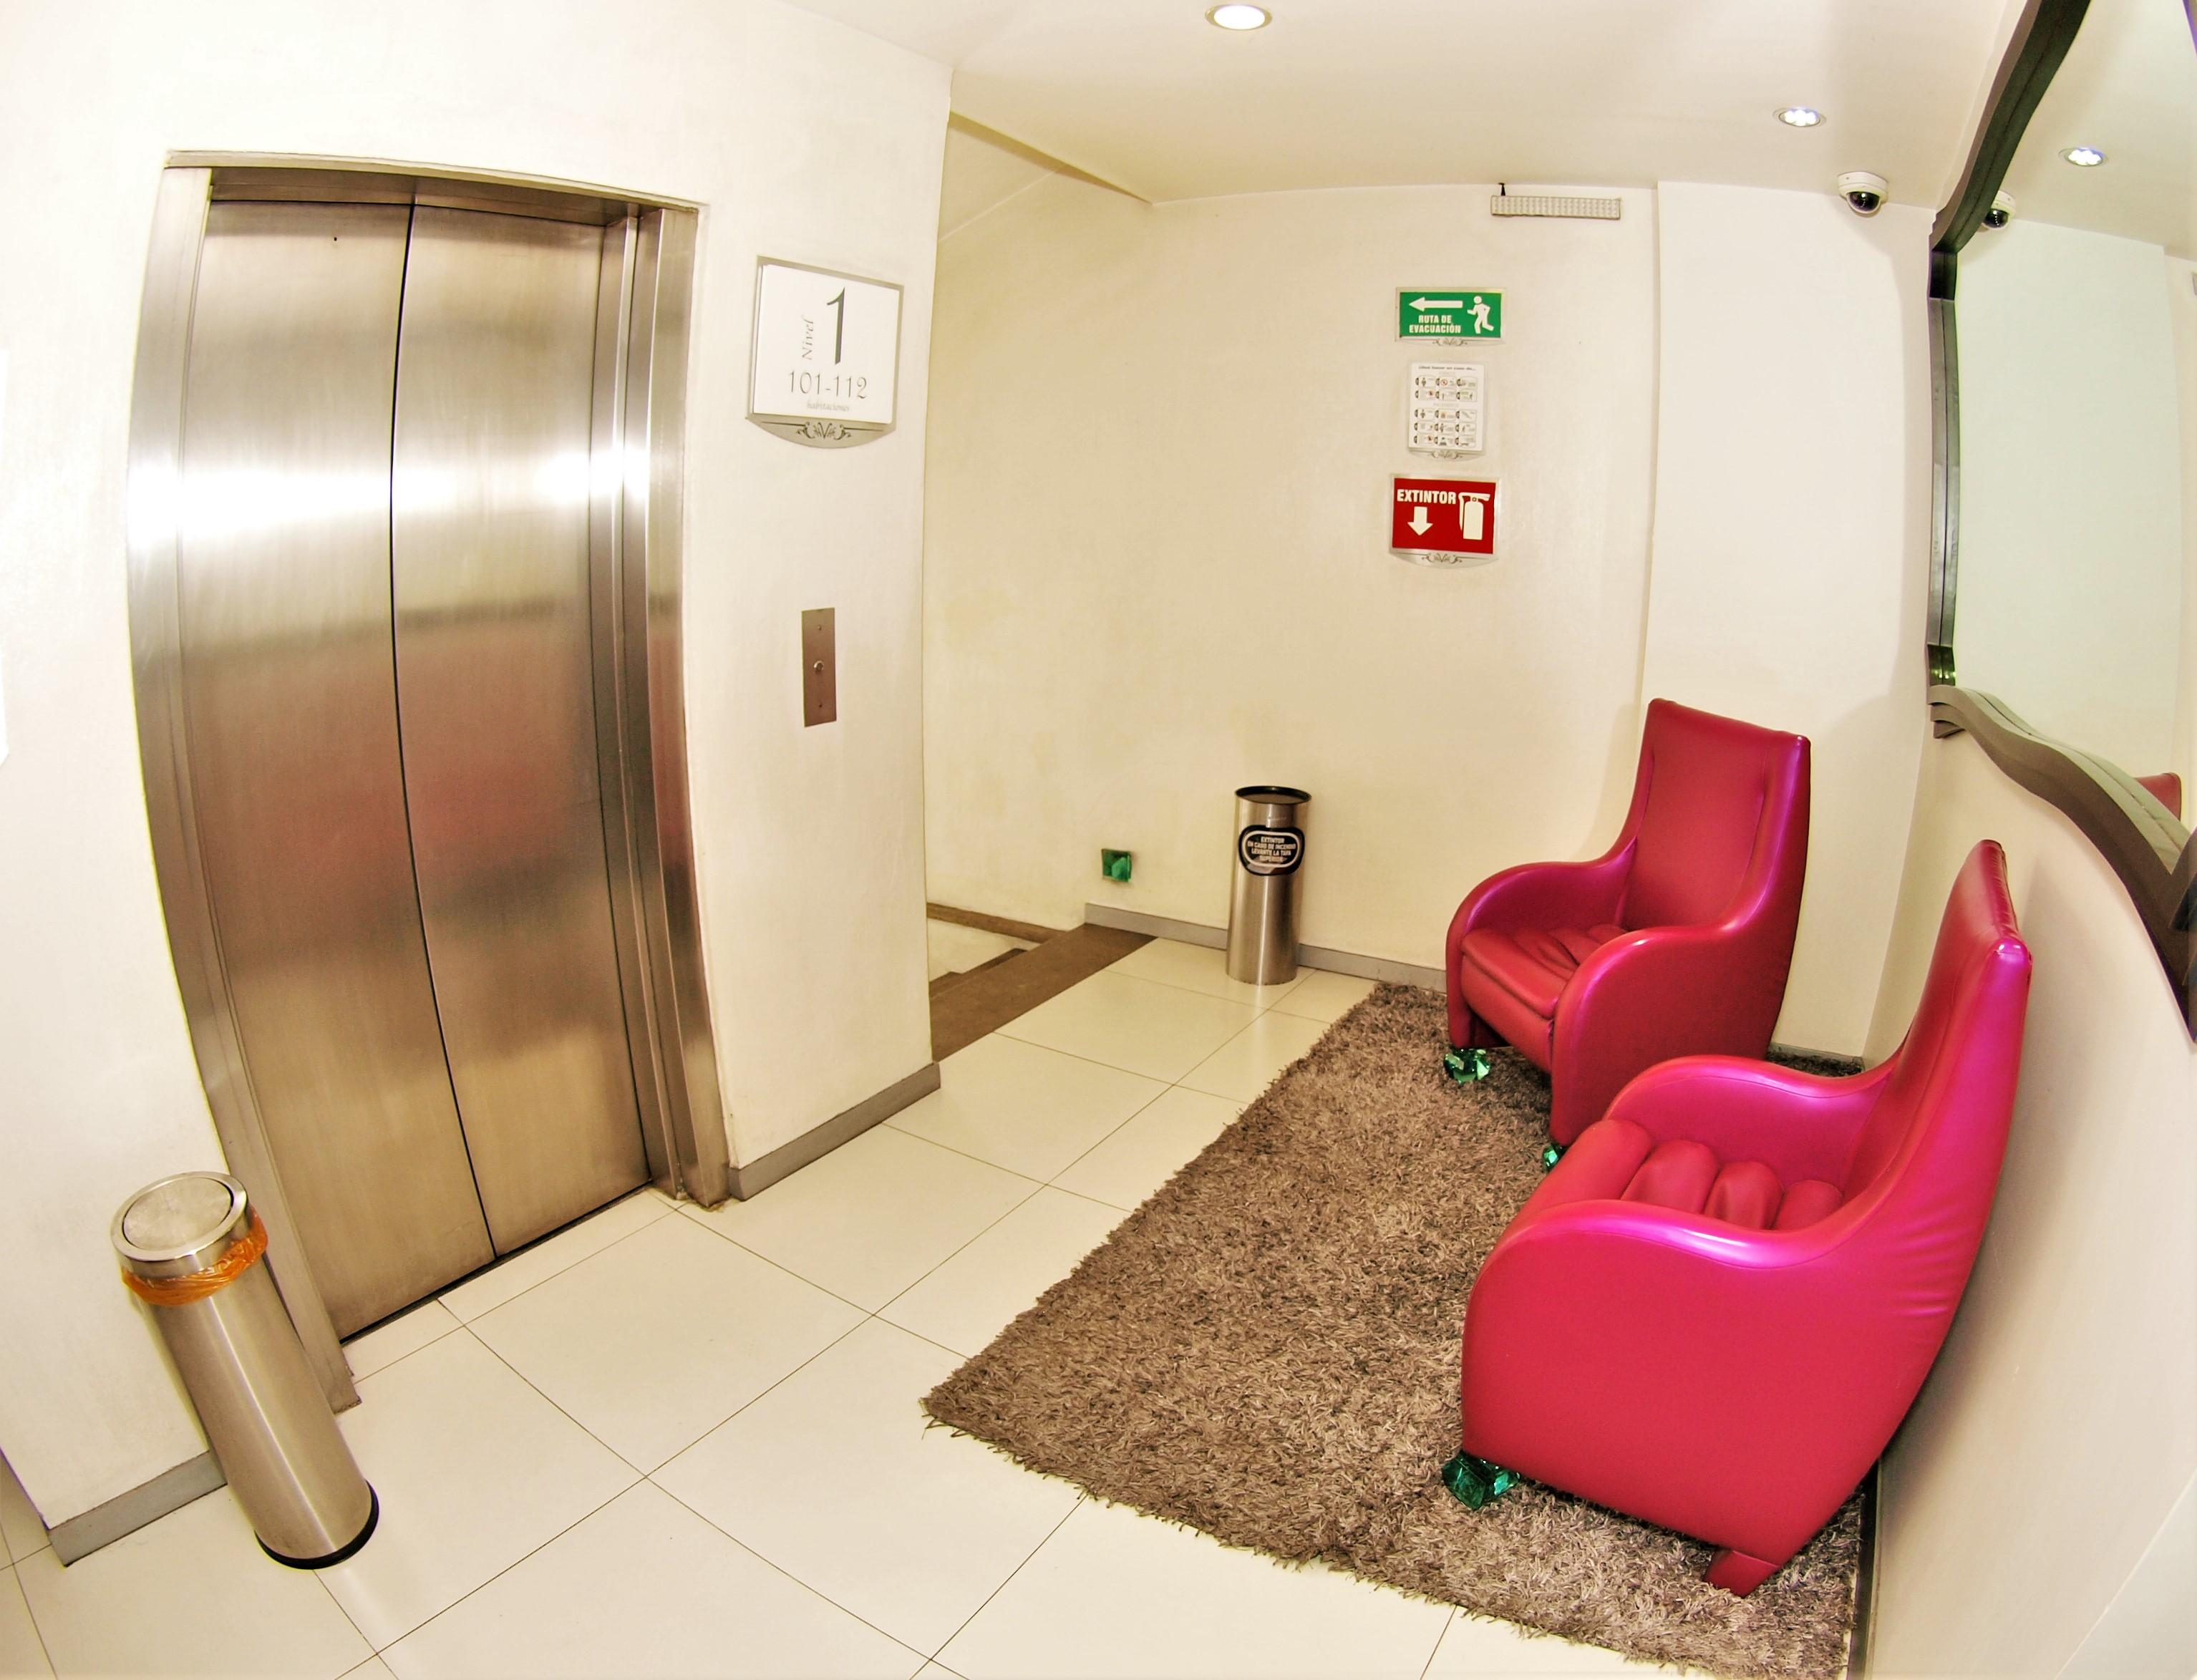 pasillo-elevador1-eukwy